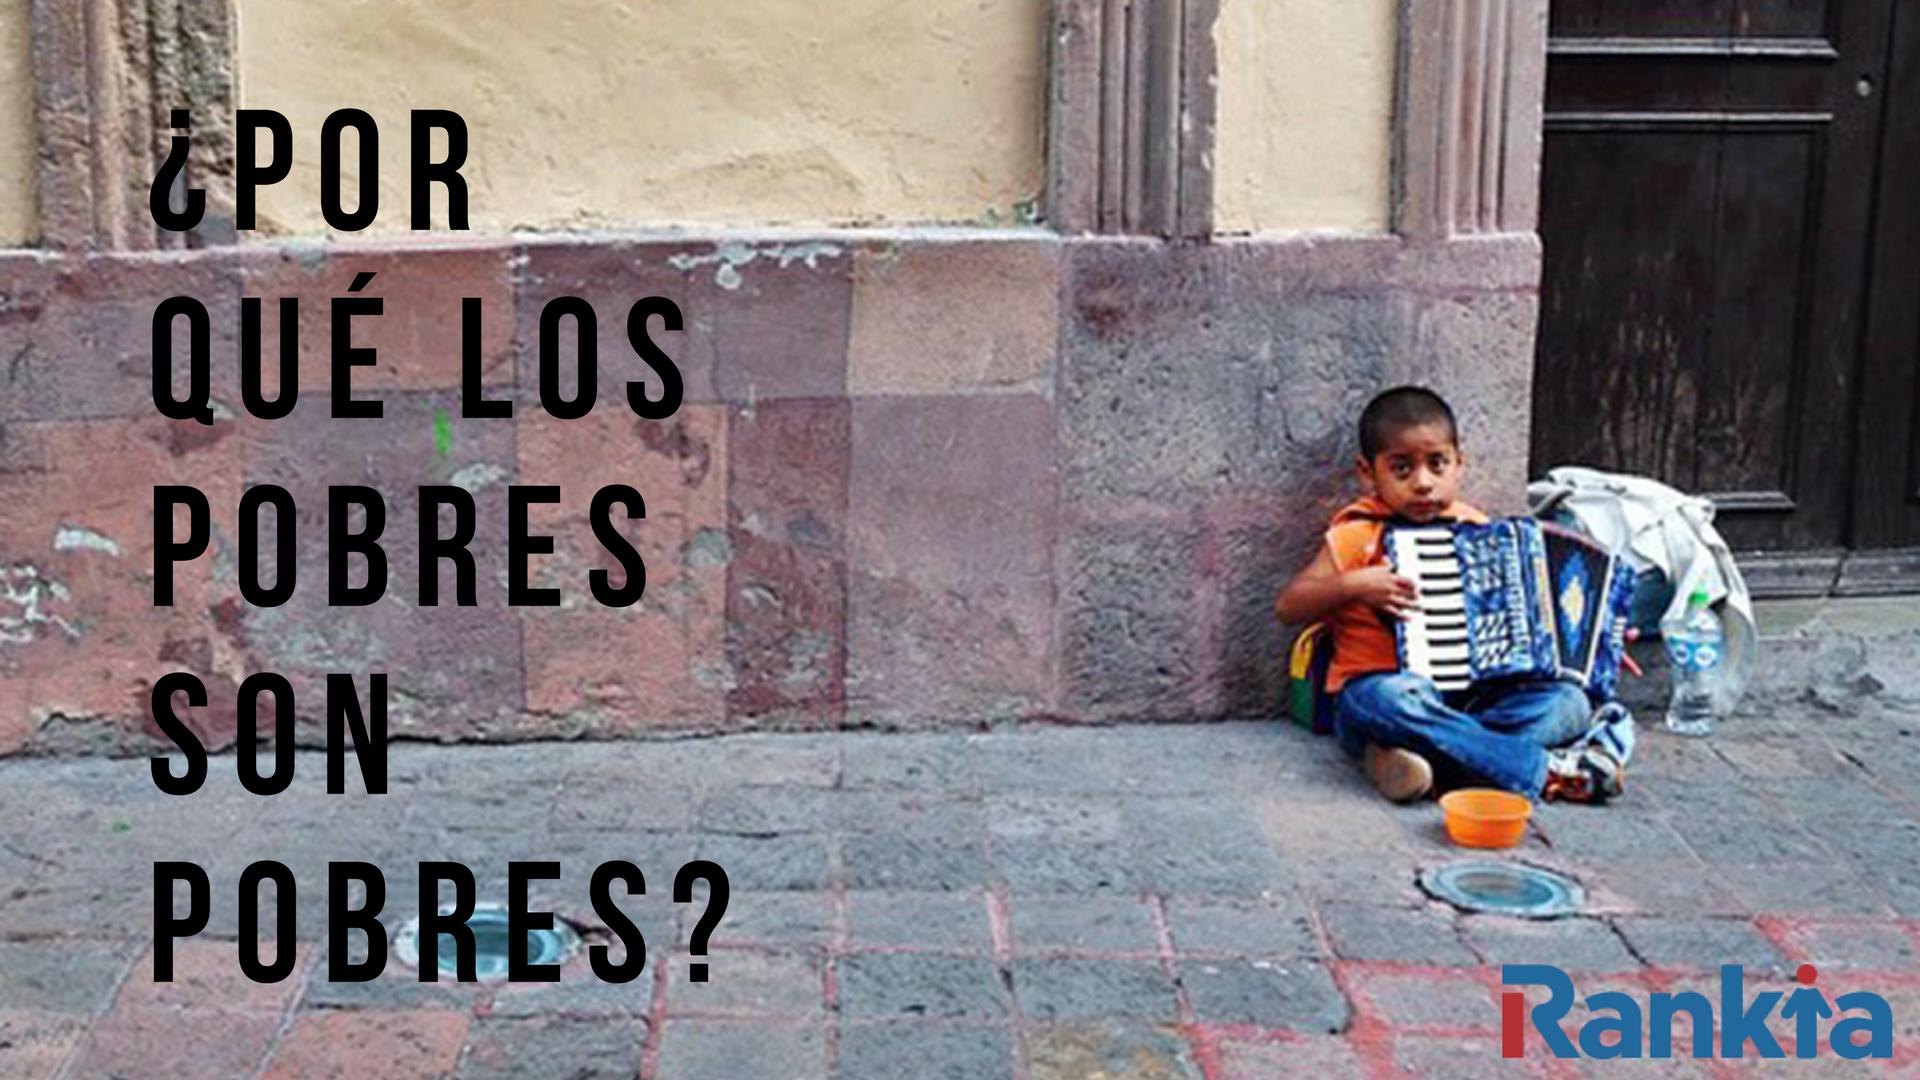 ¿Por qué los pobres son pobres?